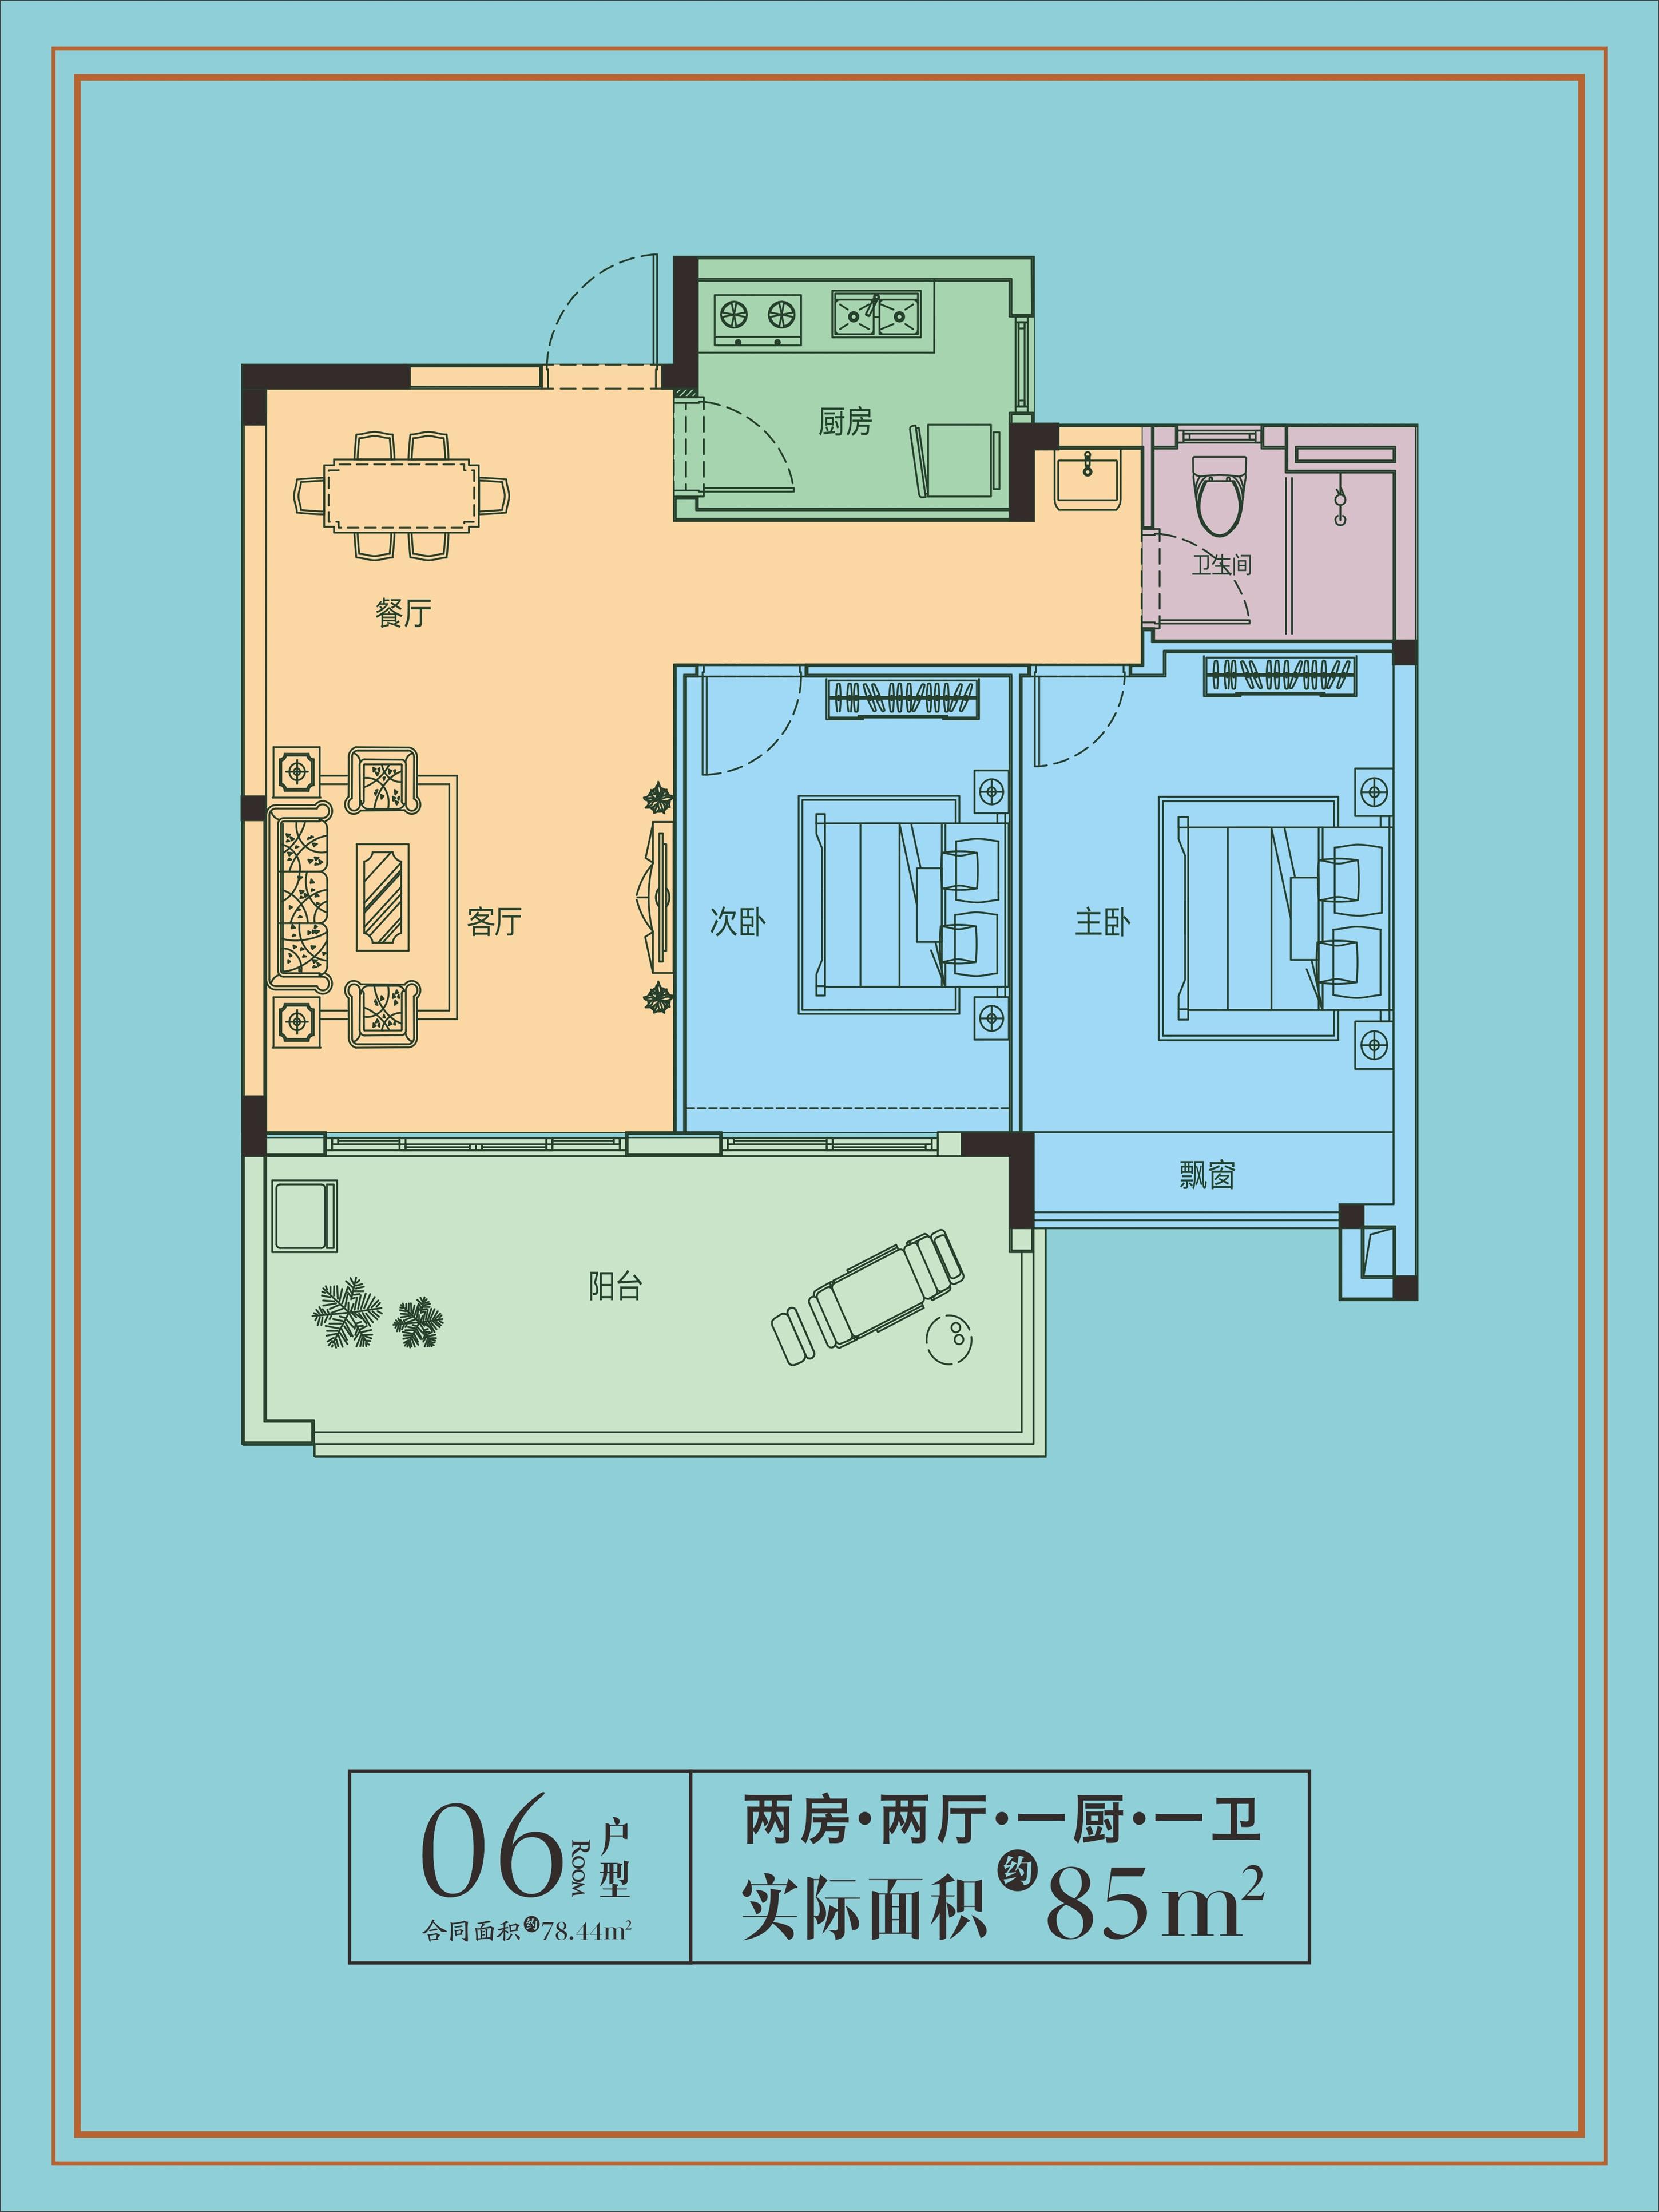 22棟06戶型 2房2廳1廚1衛 建面85㎡